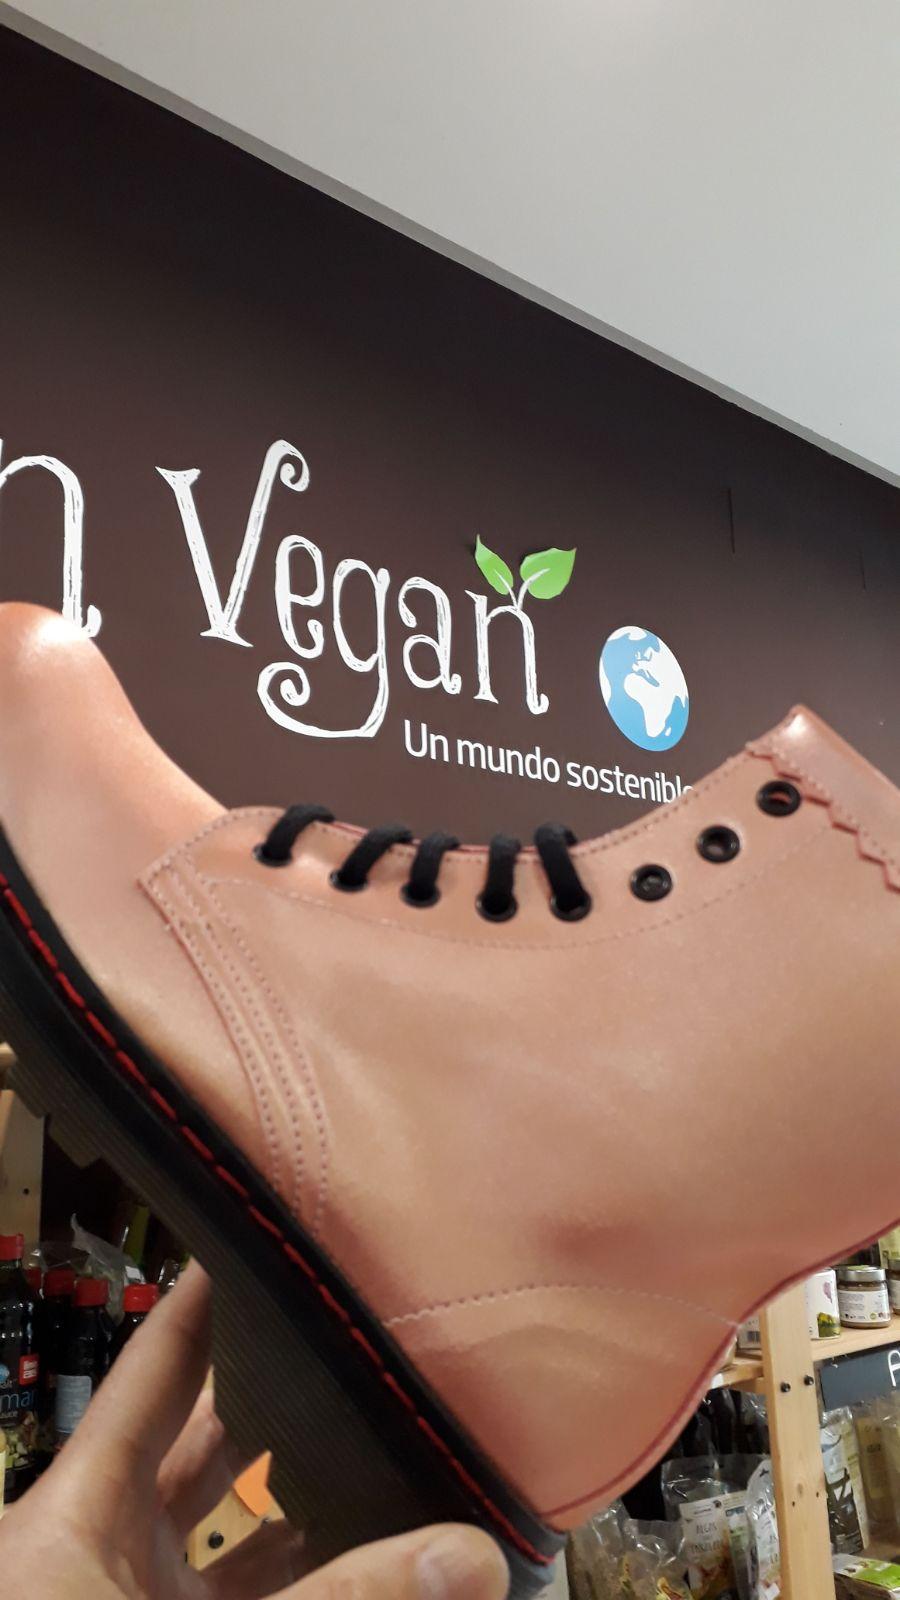 5853582c Calzado vegano, fabricado en La Rioja y único en España | Rioja2.com